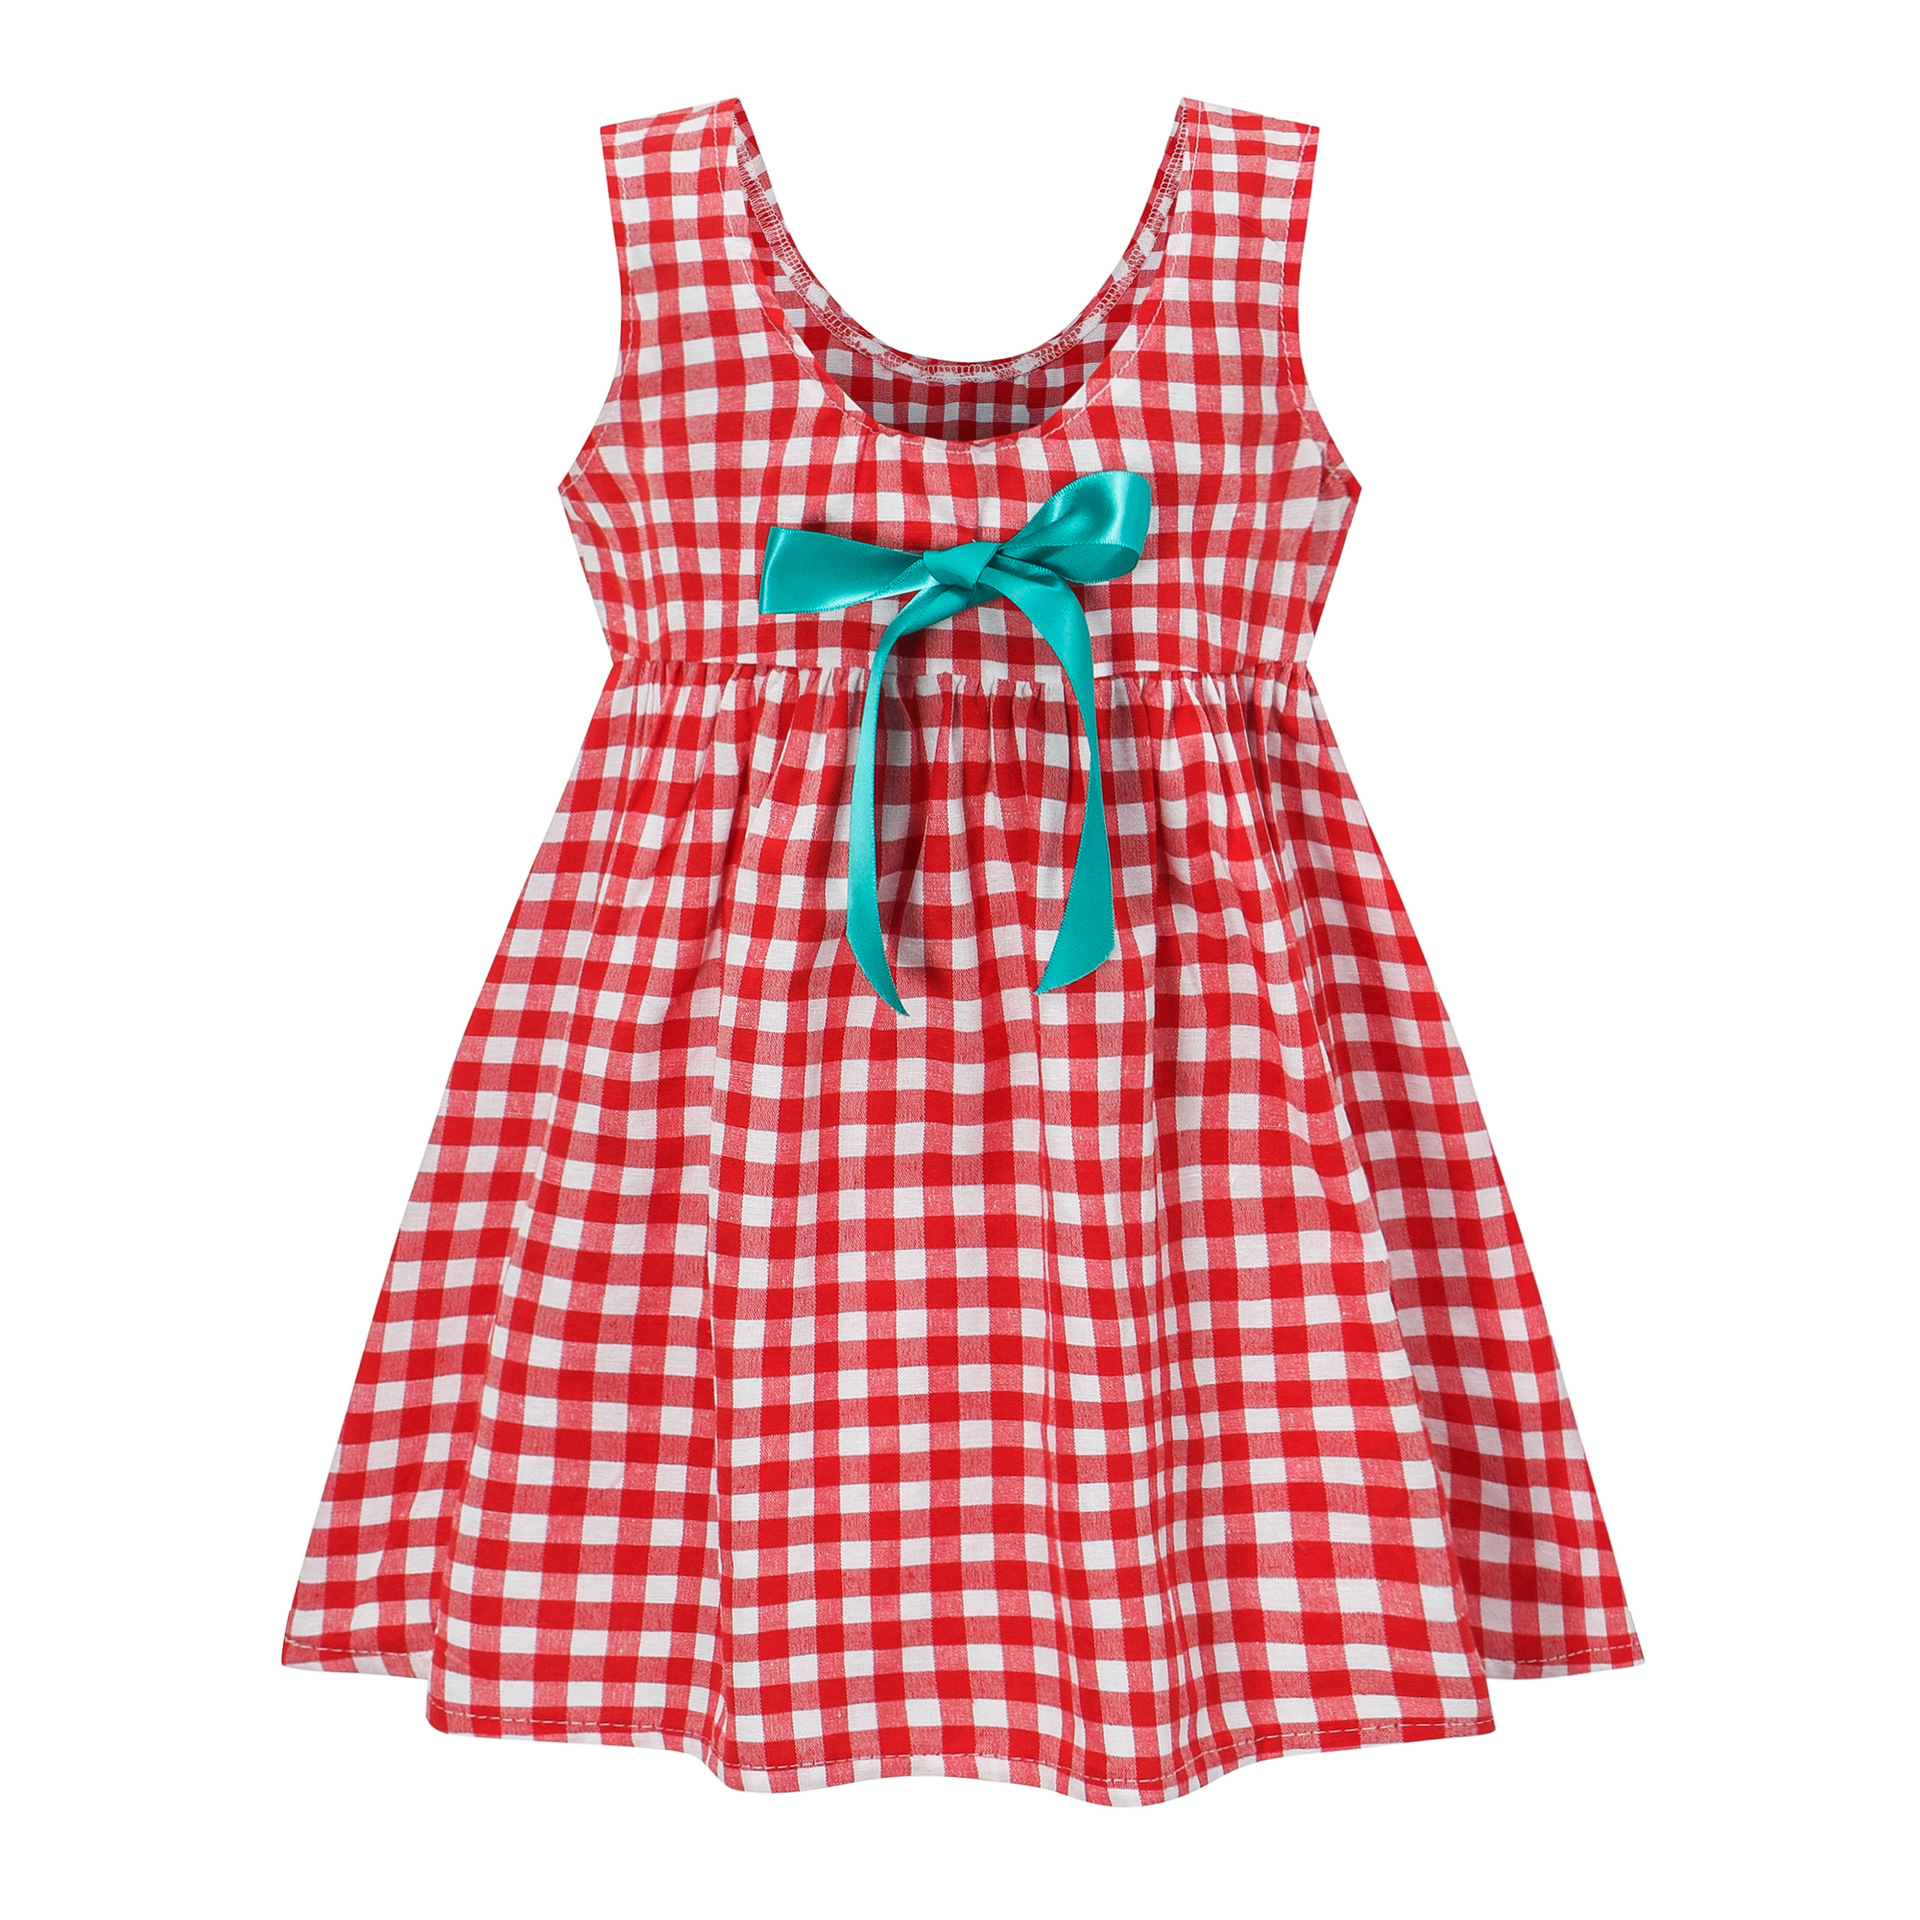 Весенне летнее платье для девочек Детские платья для девочек, платье принцессы детская одежда льняное платье в клетку без рукавов длиной до колена|Платья|   | АлиЭкспресс